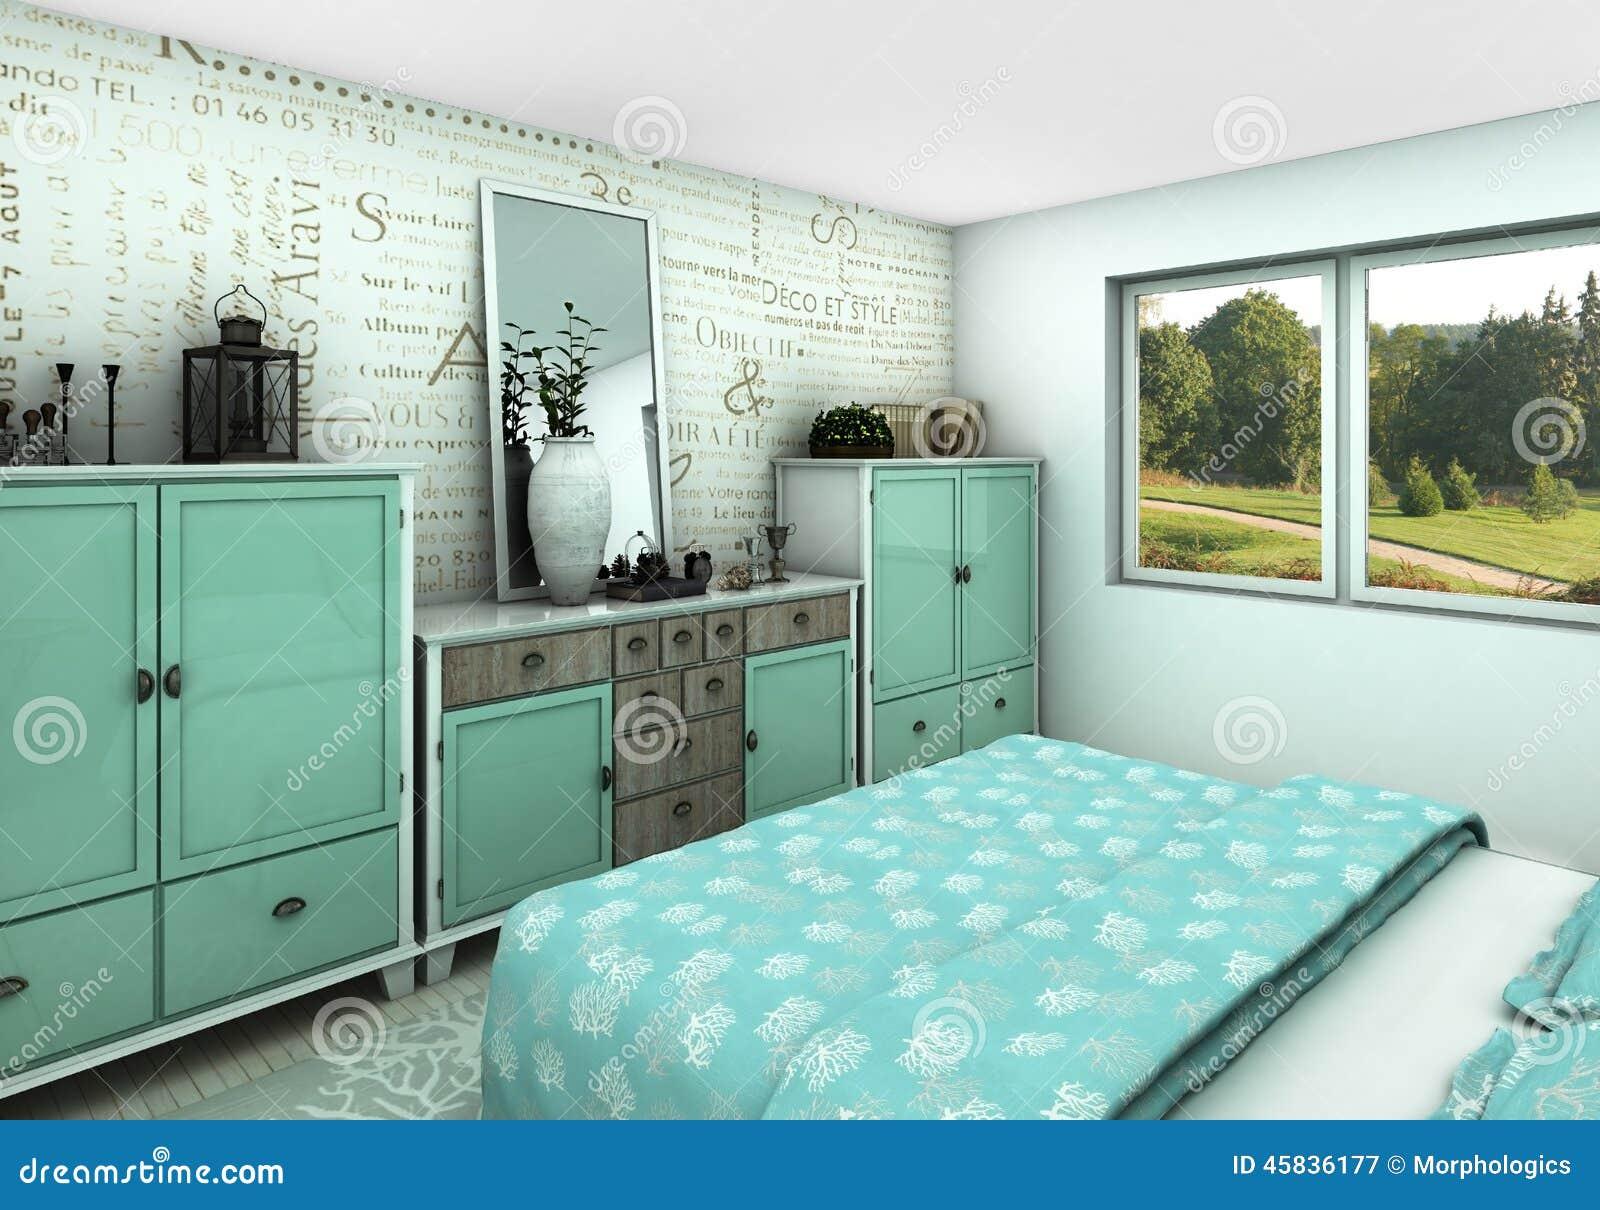 Camera Da Letto Parete Turchese : Camera da letto accogliente del turchese illustrazione di stock